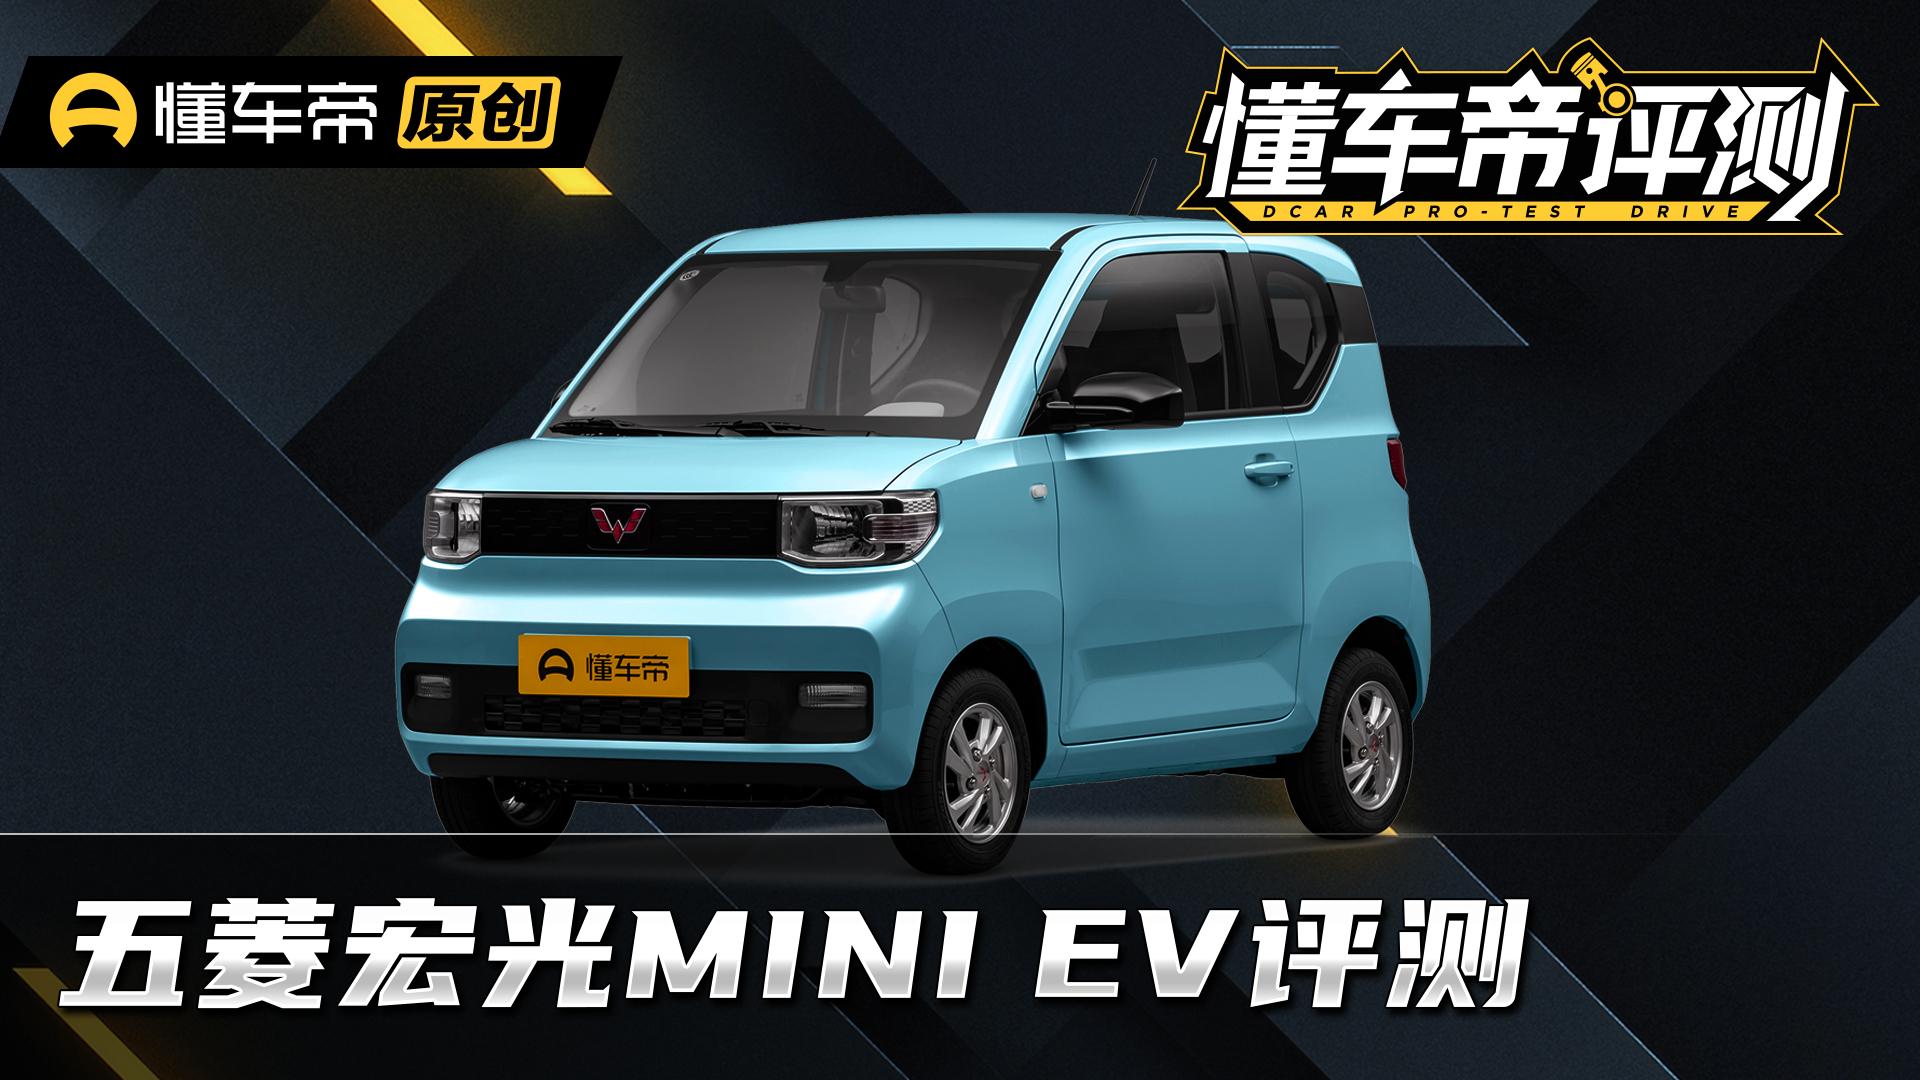 170公里续航9小时充满,五菱宏光MINI EV比低速电动车强在哪?